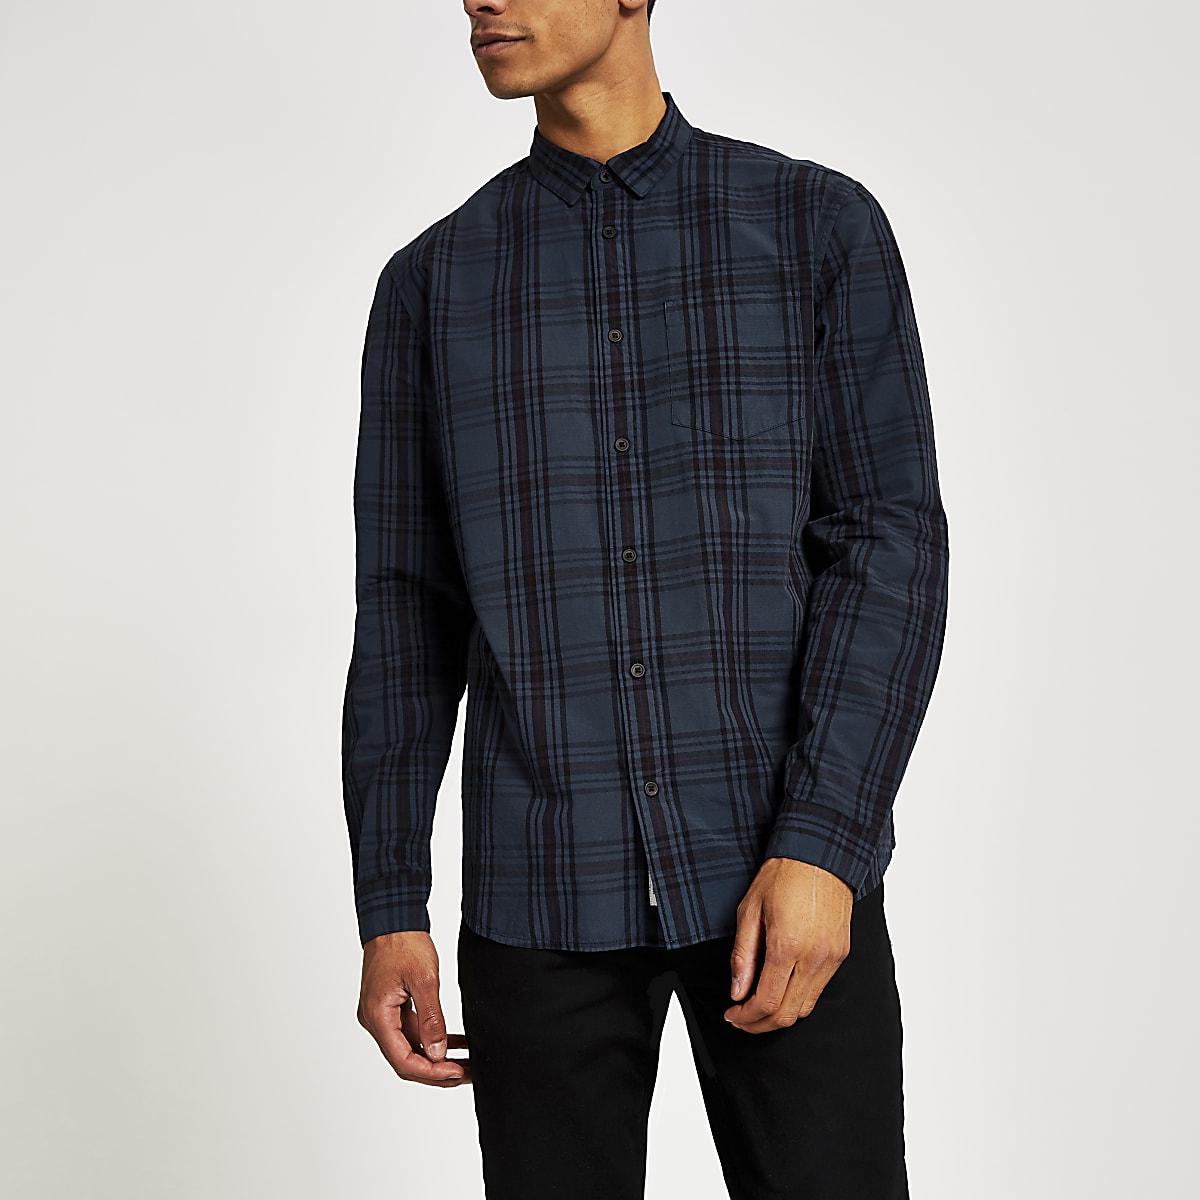 Marineblauw geruit overhemd met lange mouwen en normale pasvorm